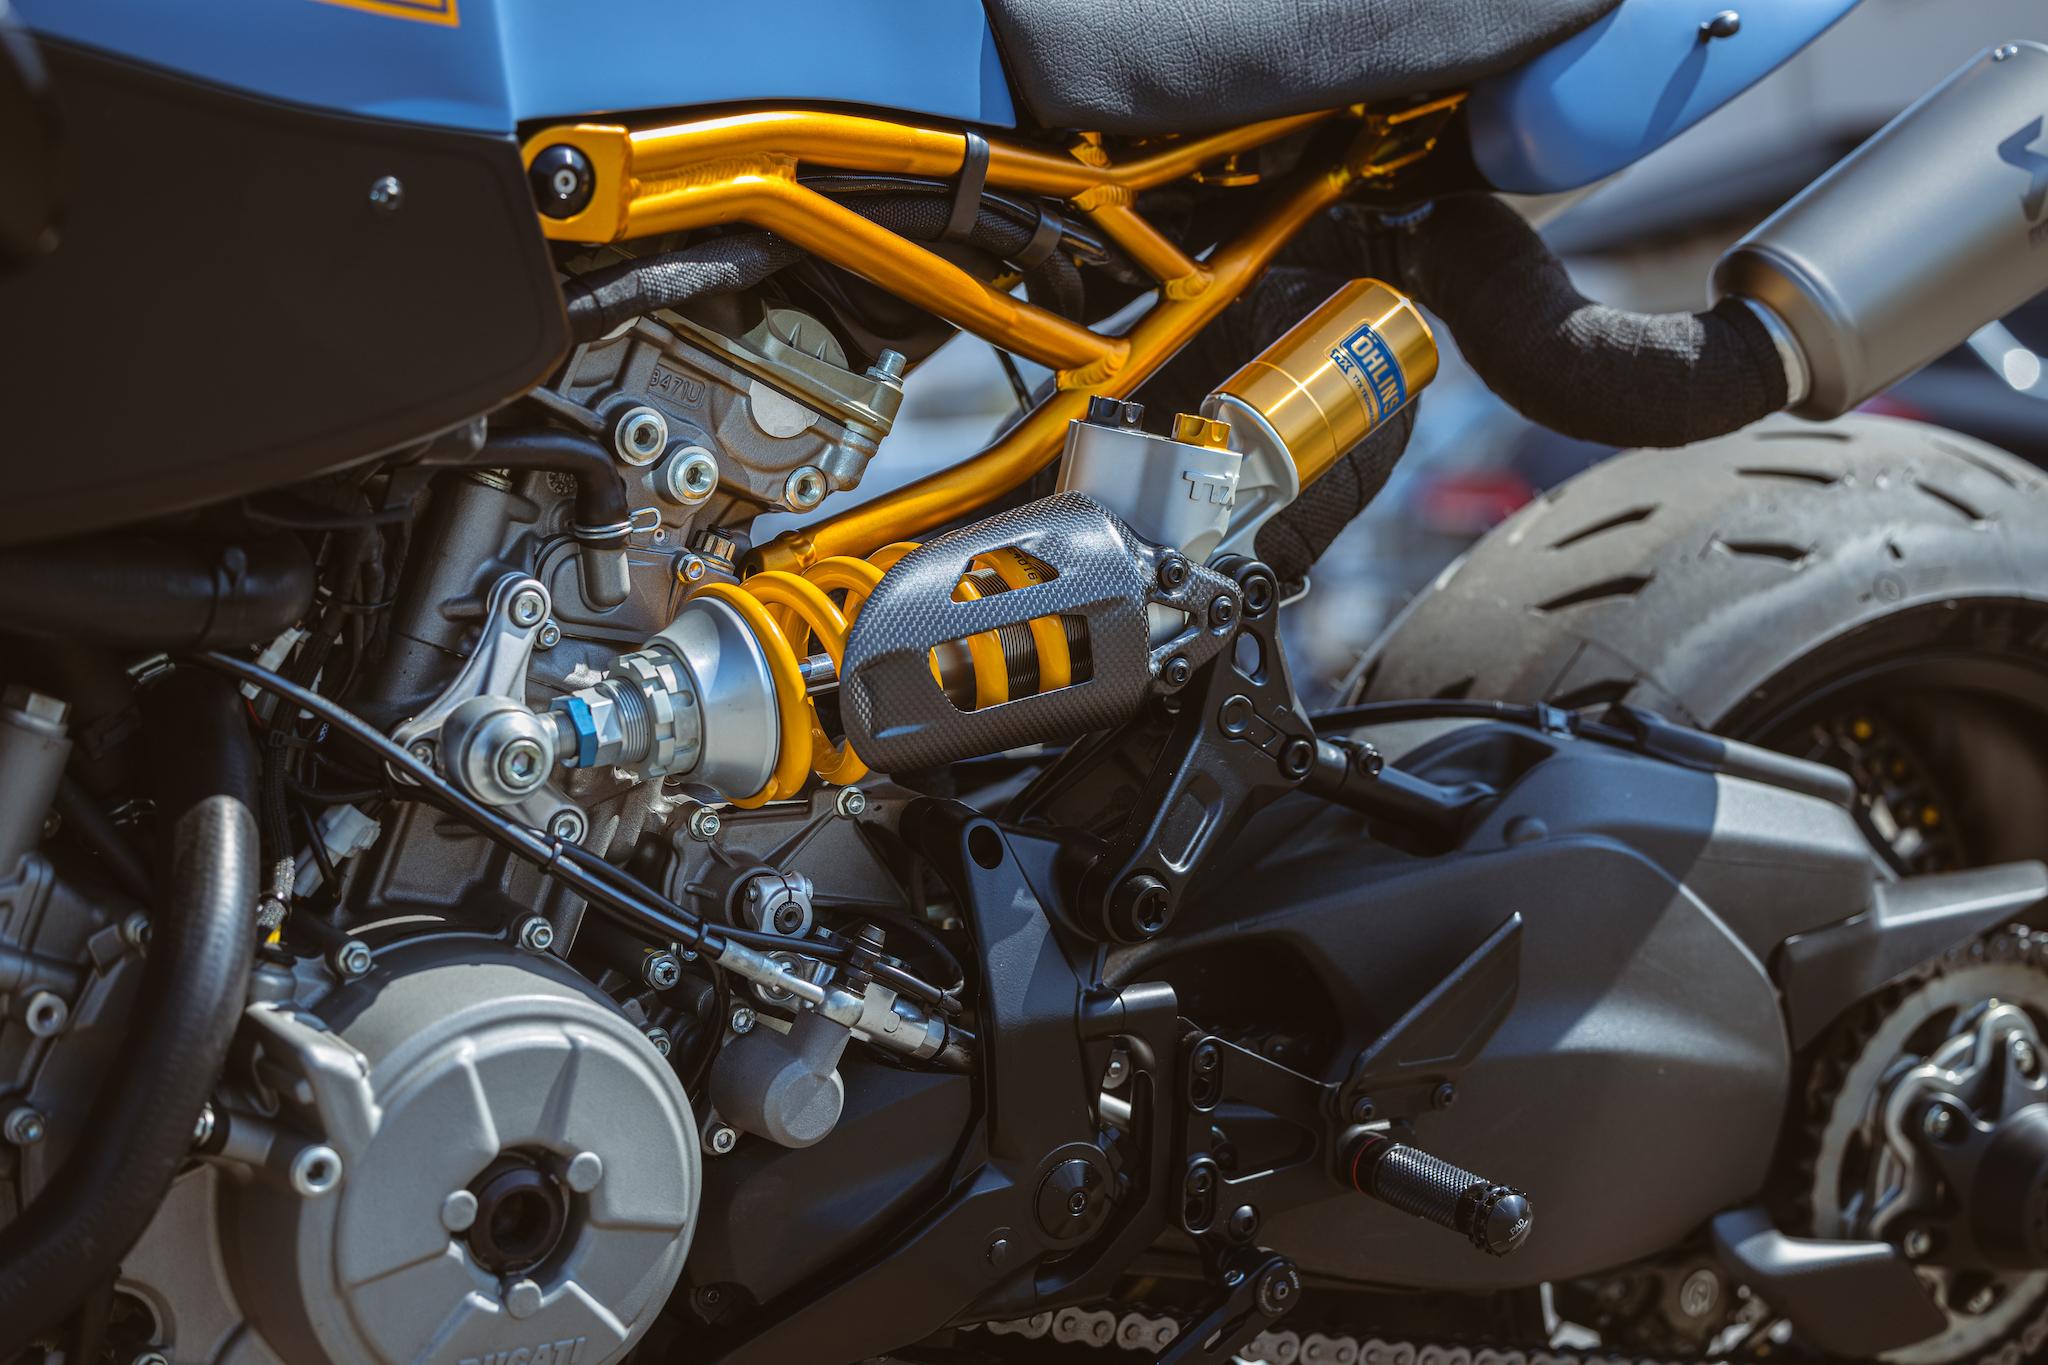 Ducati_Panigale_naked_dream-motos_Madpik-small17